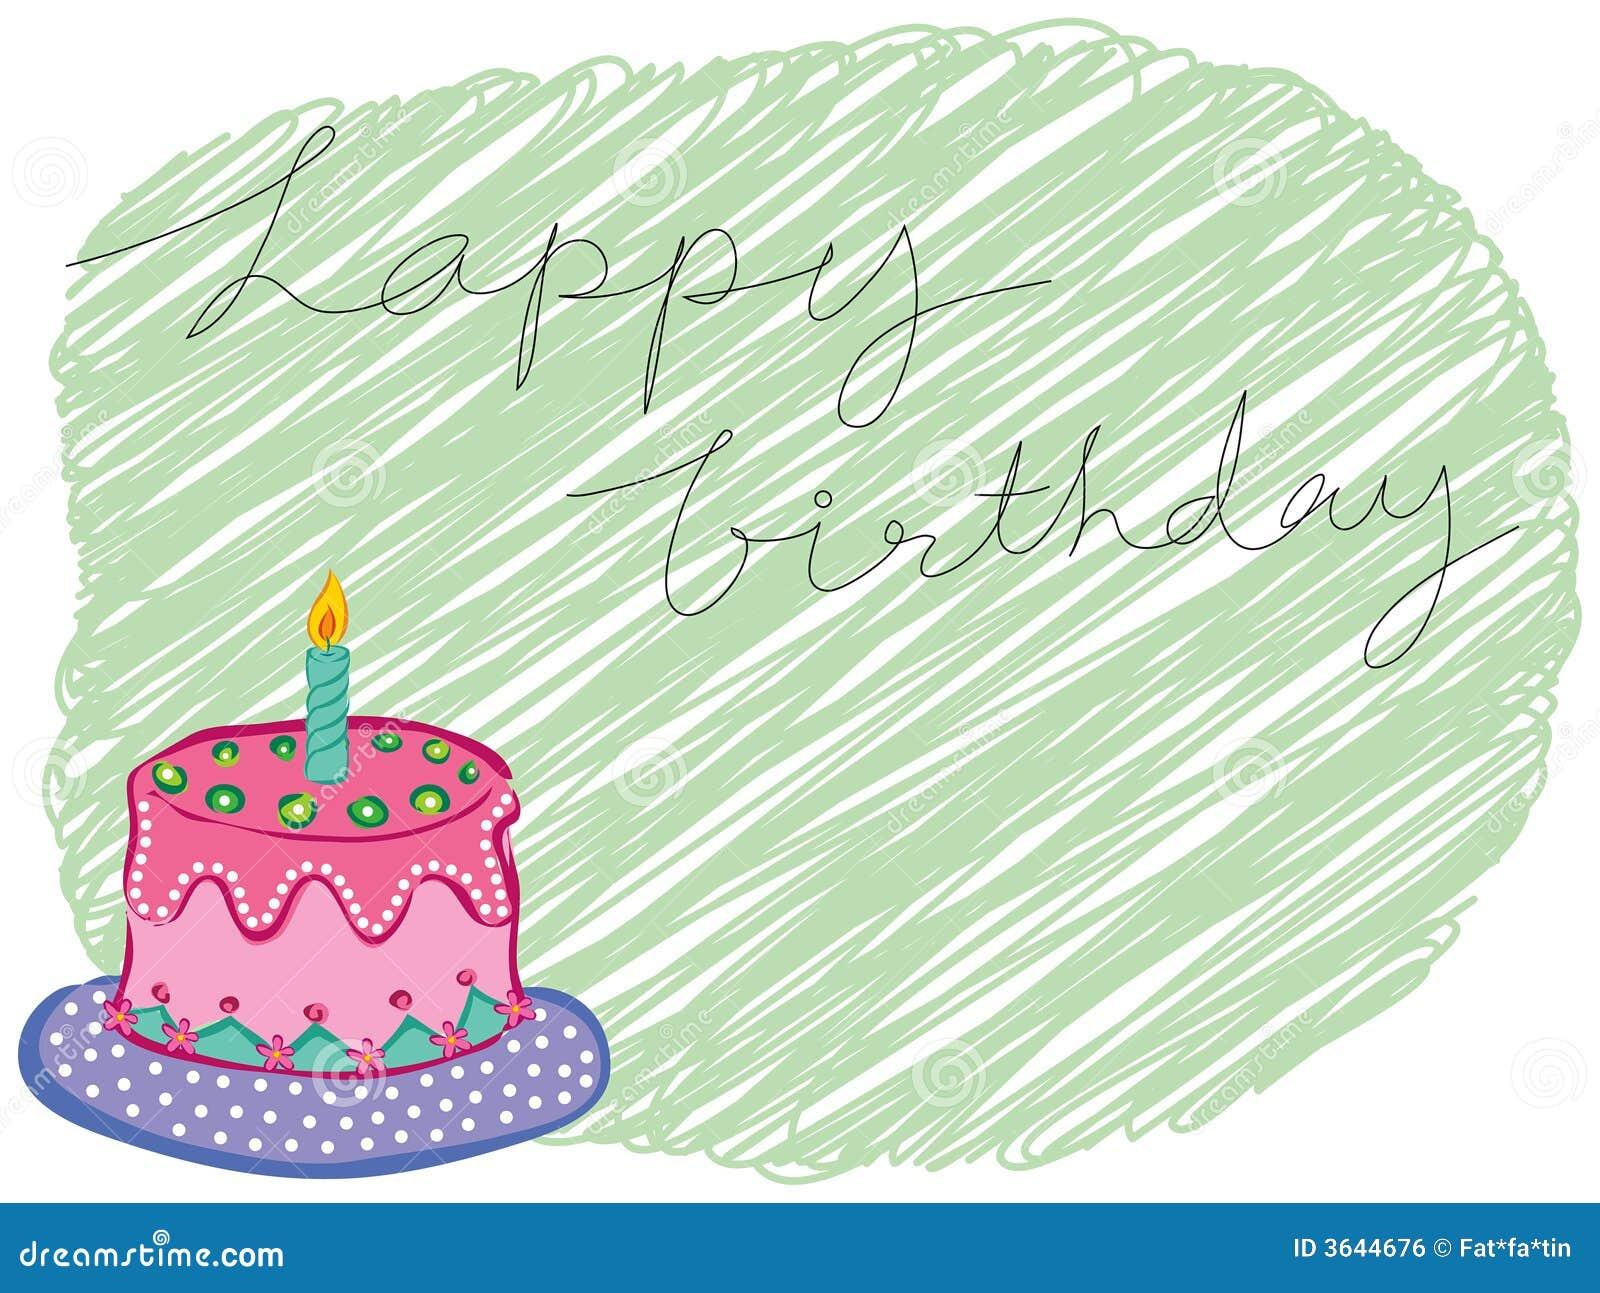 Saluto della torta di buon compleanno immagine stock - Colorazione pagina della torta di compleanno ...